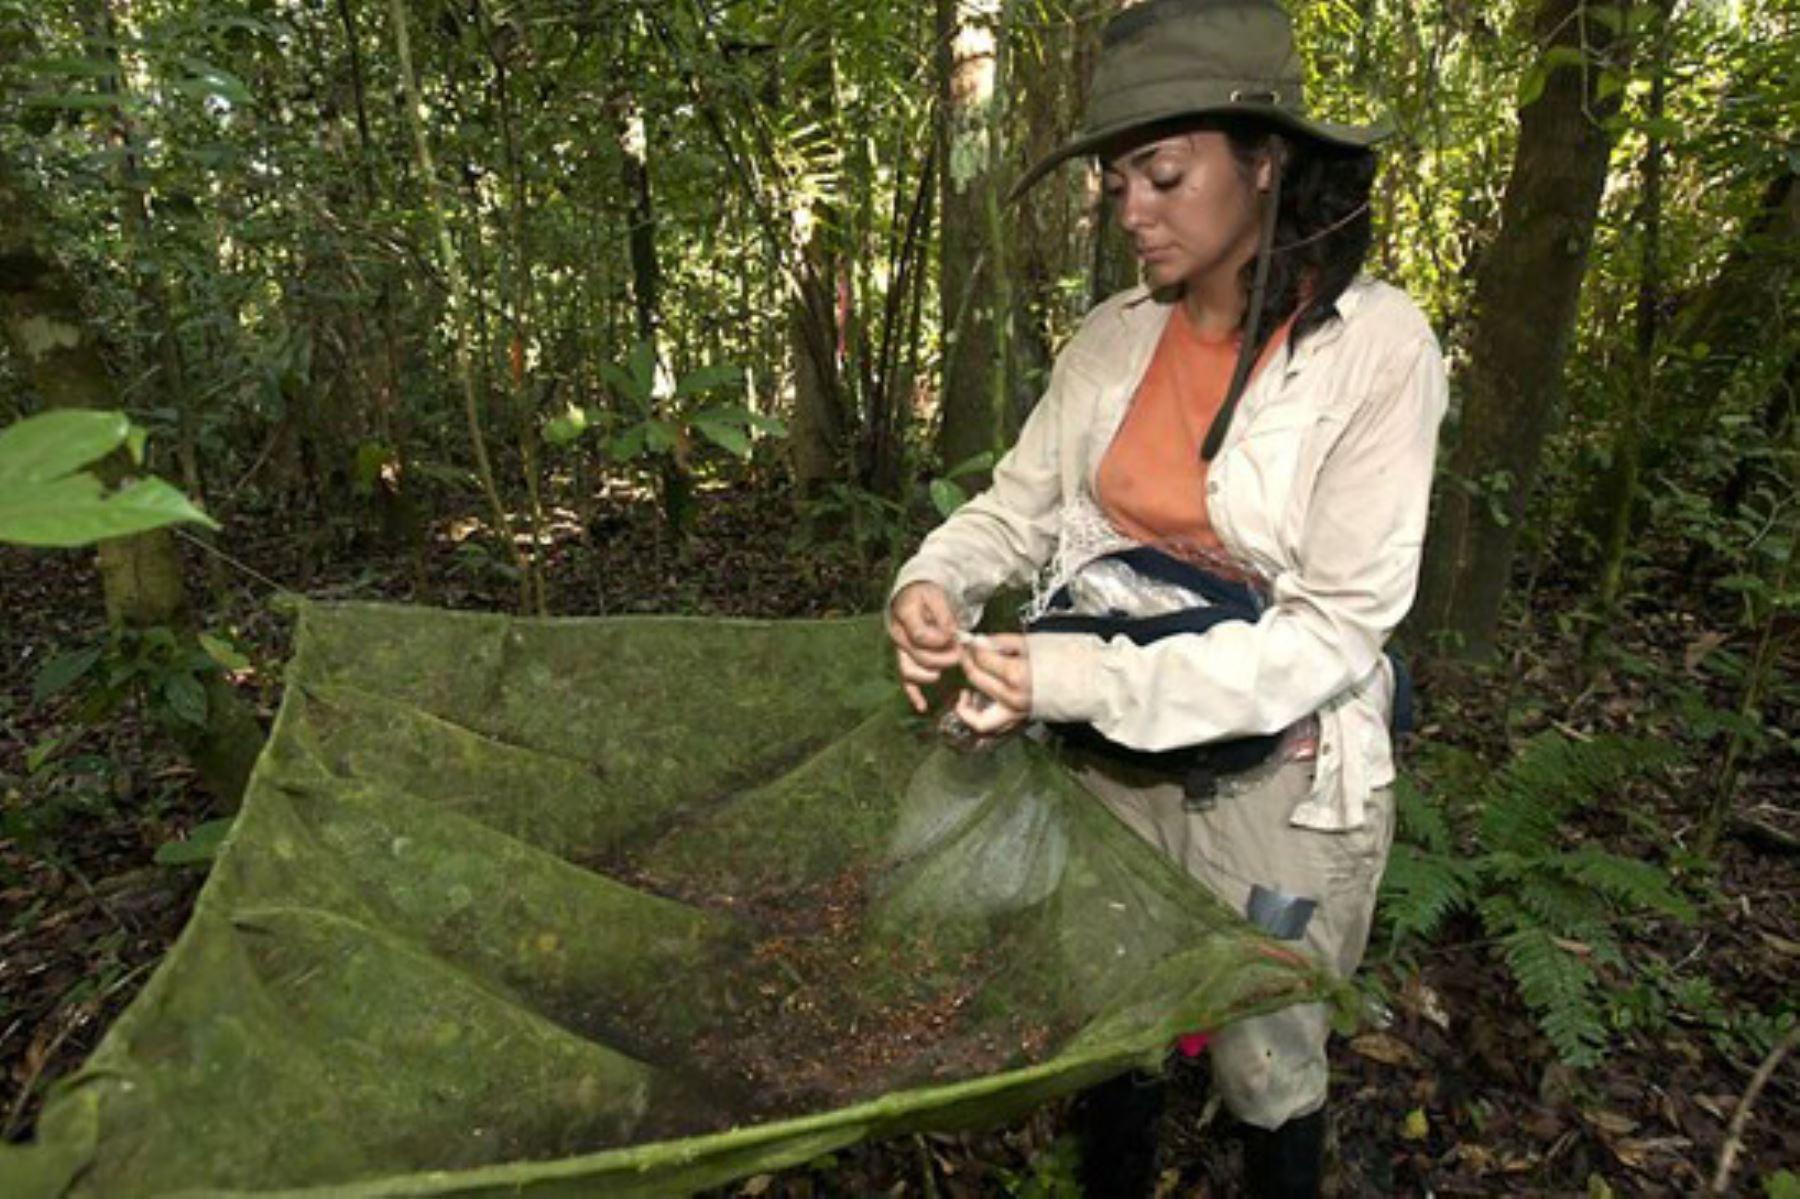 La propuesta normativa busca establecer la profesionalización del trabajo que desempeñan los guardaparques, guardaislas y agentes de protección de los pueblos indígenas.